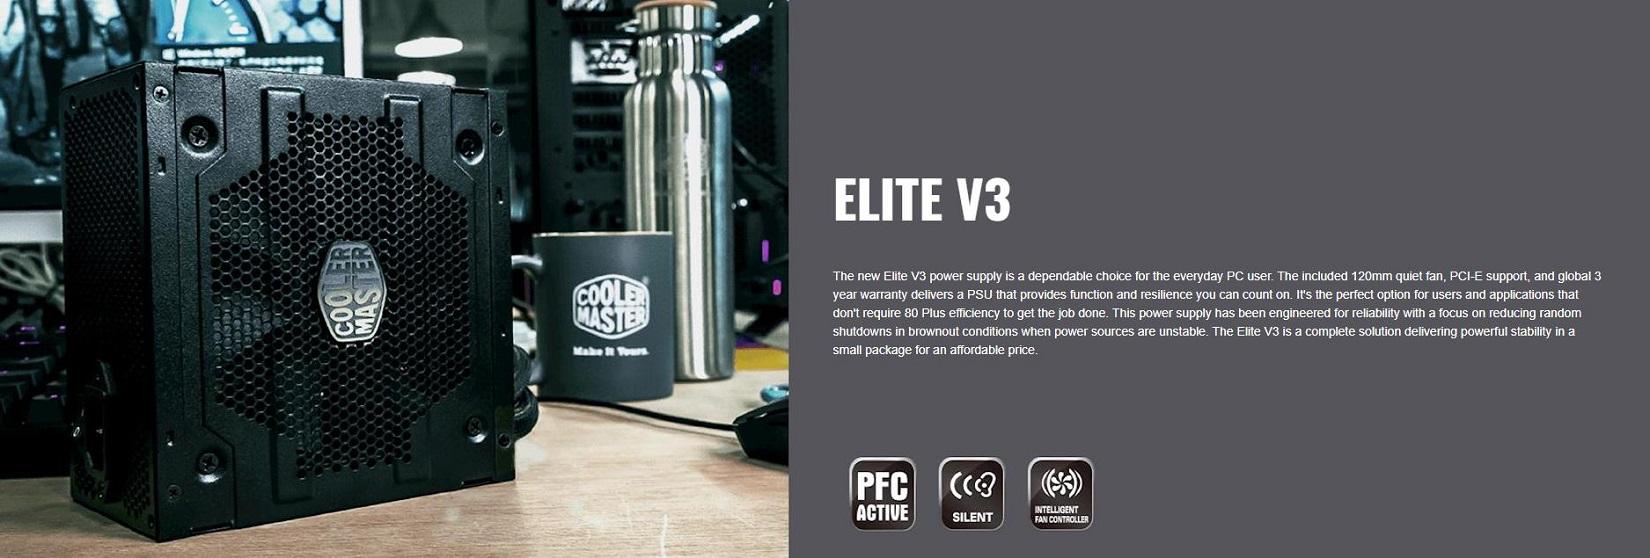 Giới thiệu Nguồn máy tính Cooler Master Elite V3 230V PC400 400W Box (Màu Đen)